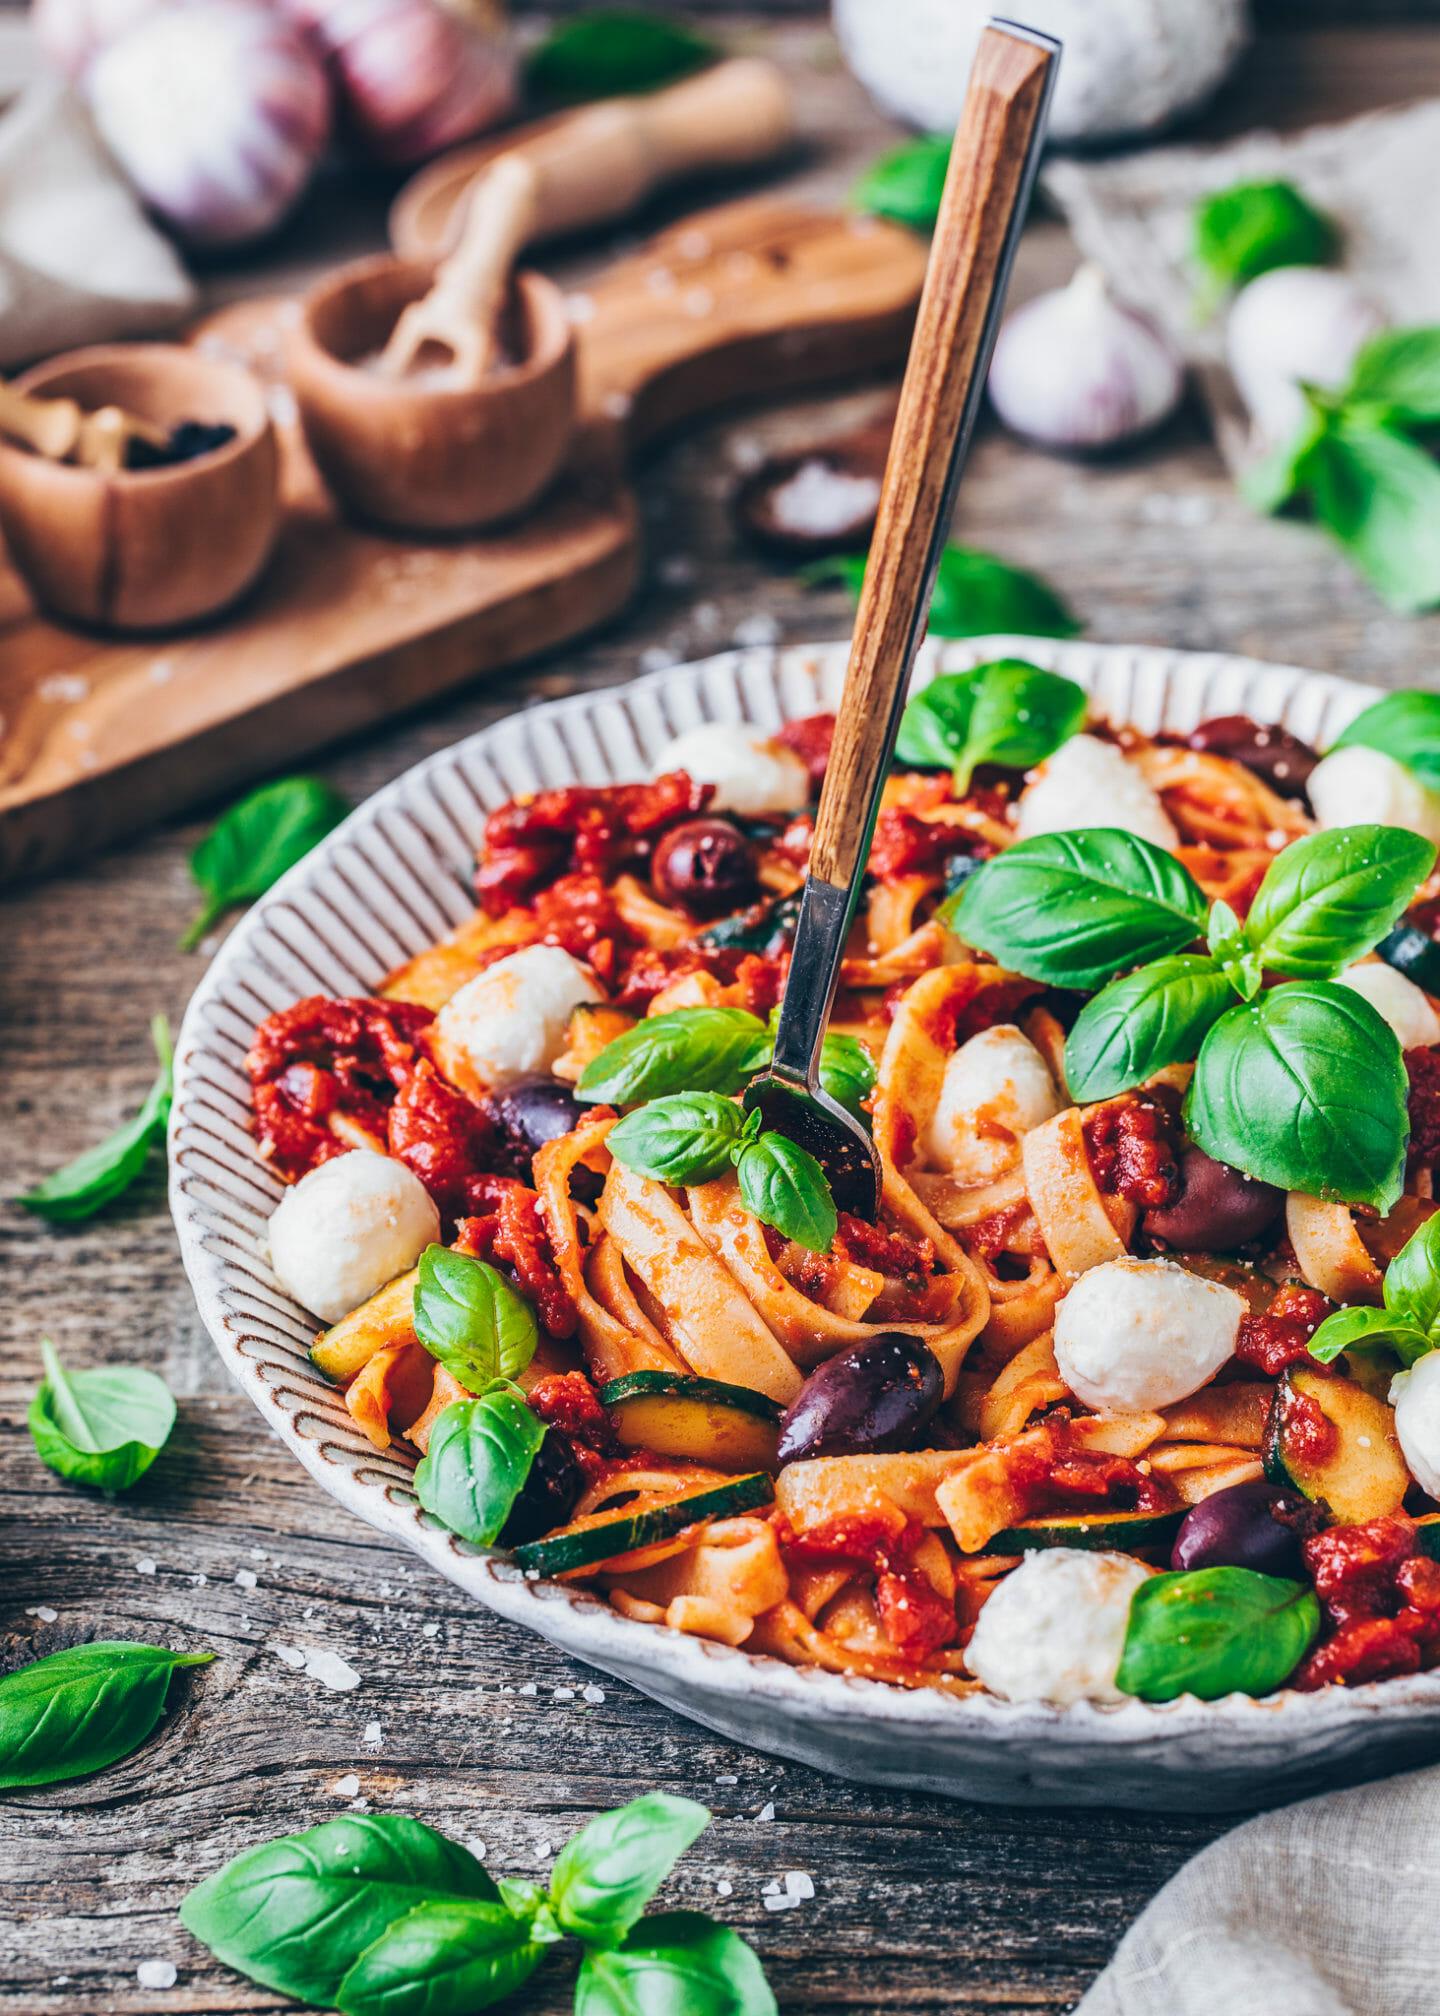 One Pot Pasta mit Tomaten-Sauce, Mozzarella, Oliven, Zucchini und Basilikum